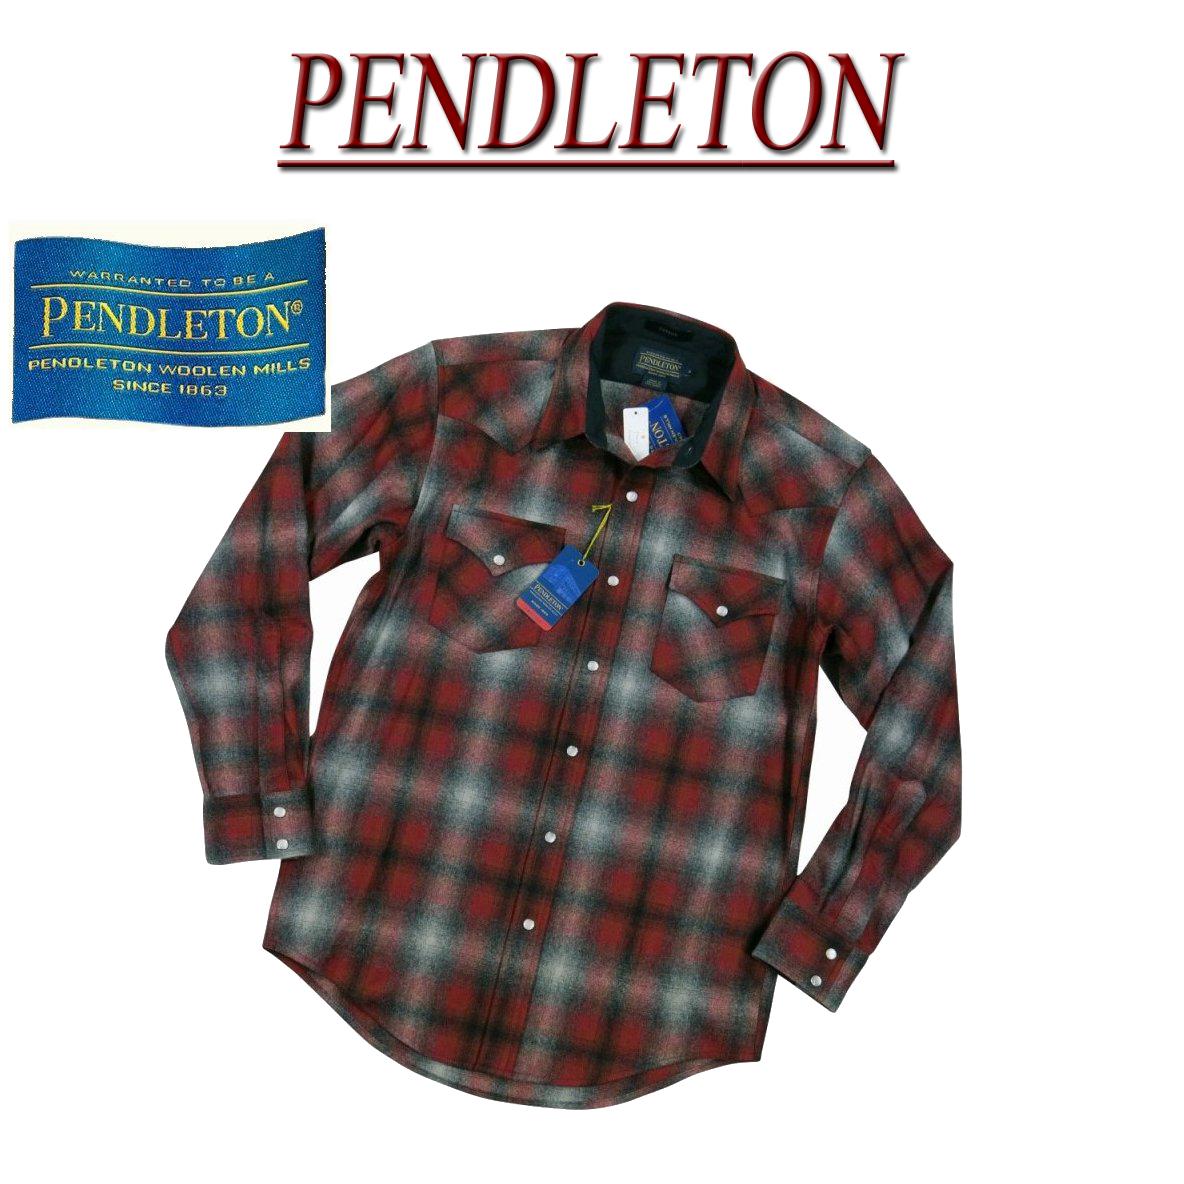 【5サイズ】 ac231 新品 PENDLETON CANYON SHIRT FITTED オンブレチェック 長袖 ウール ウエスタンシャツ DA023-31948 メンズ ペンドルトン チェックシャツ ペンデルトン ウールシャツ アメカジ 【smtb-kd】